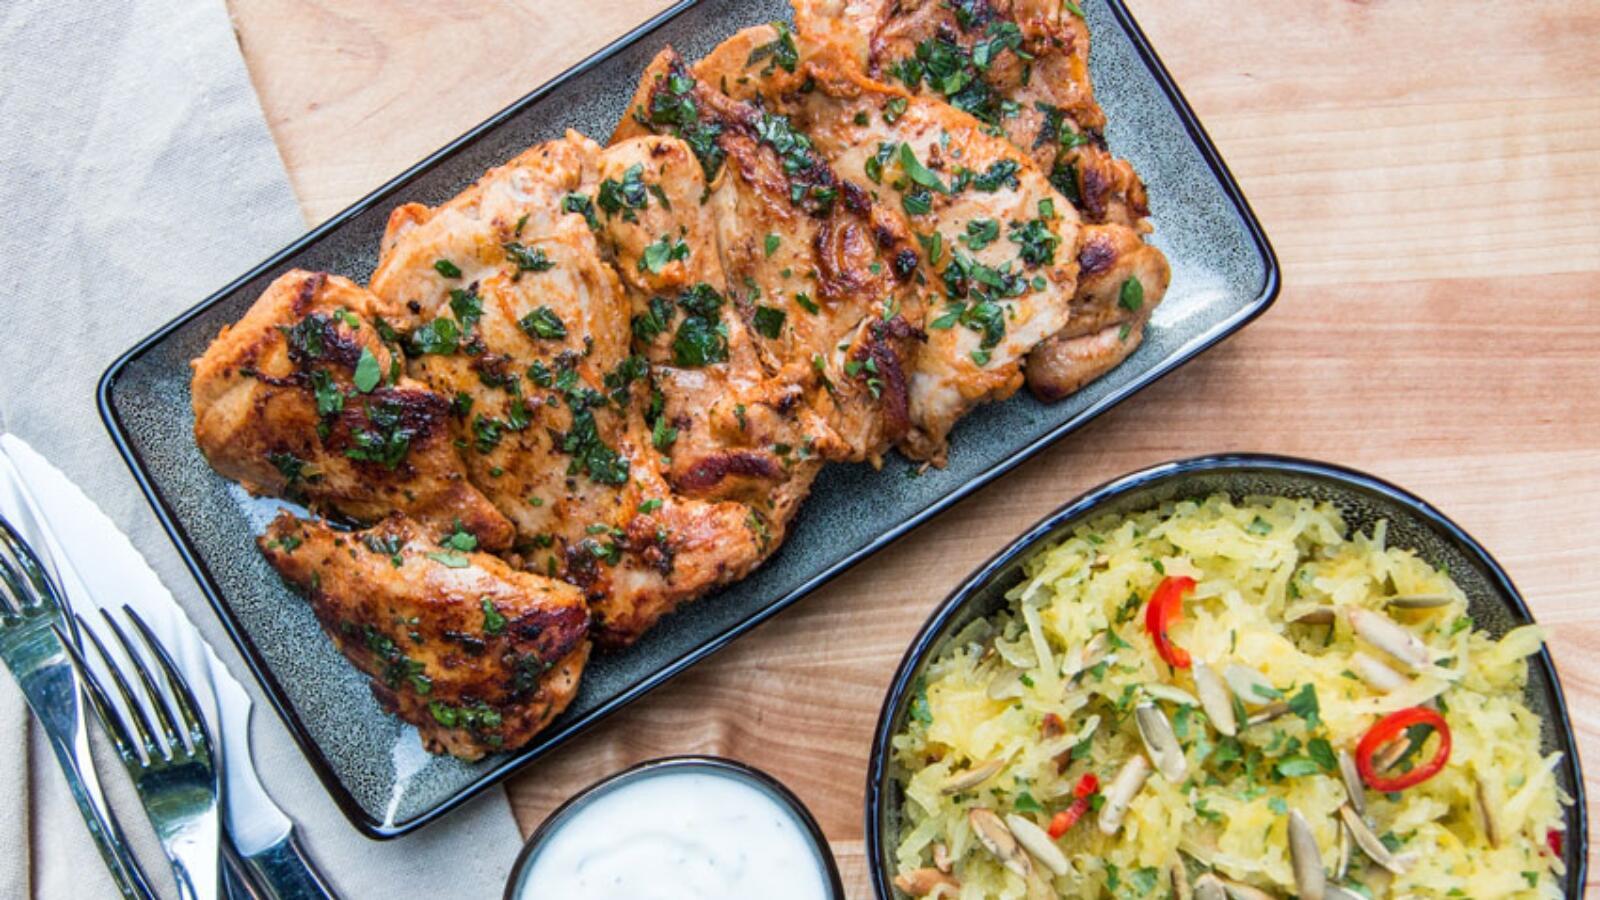 أطباق رمضانية: دجاج مشوي باللبن الرائب